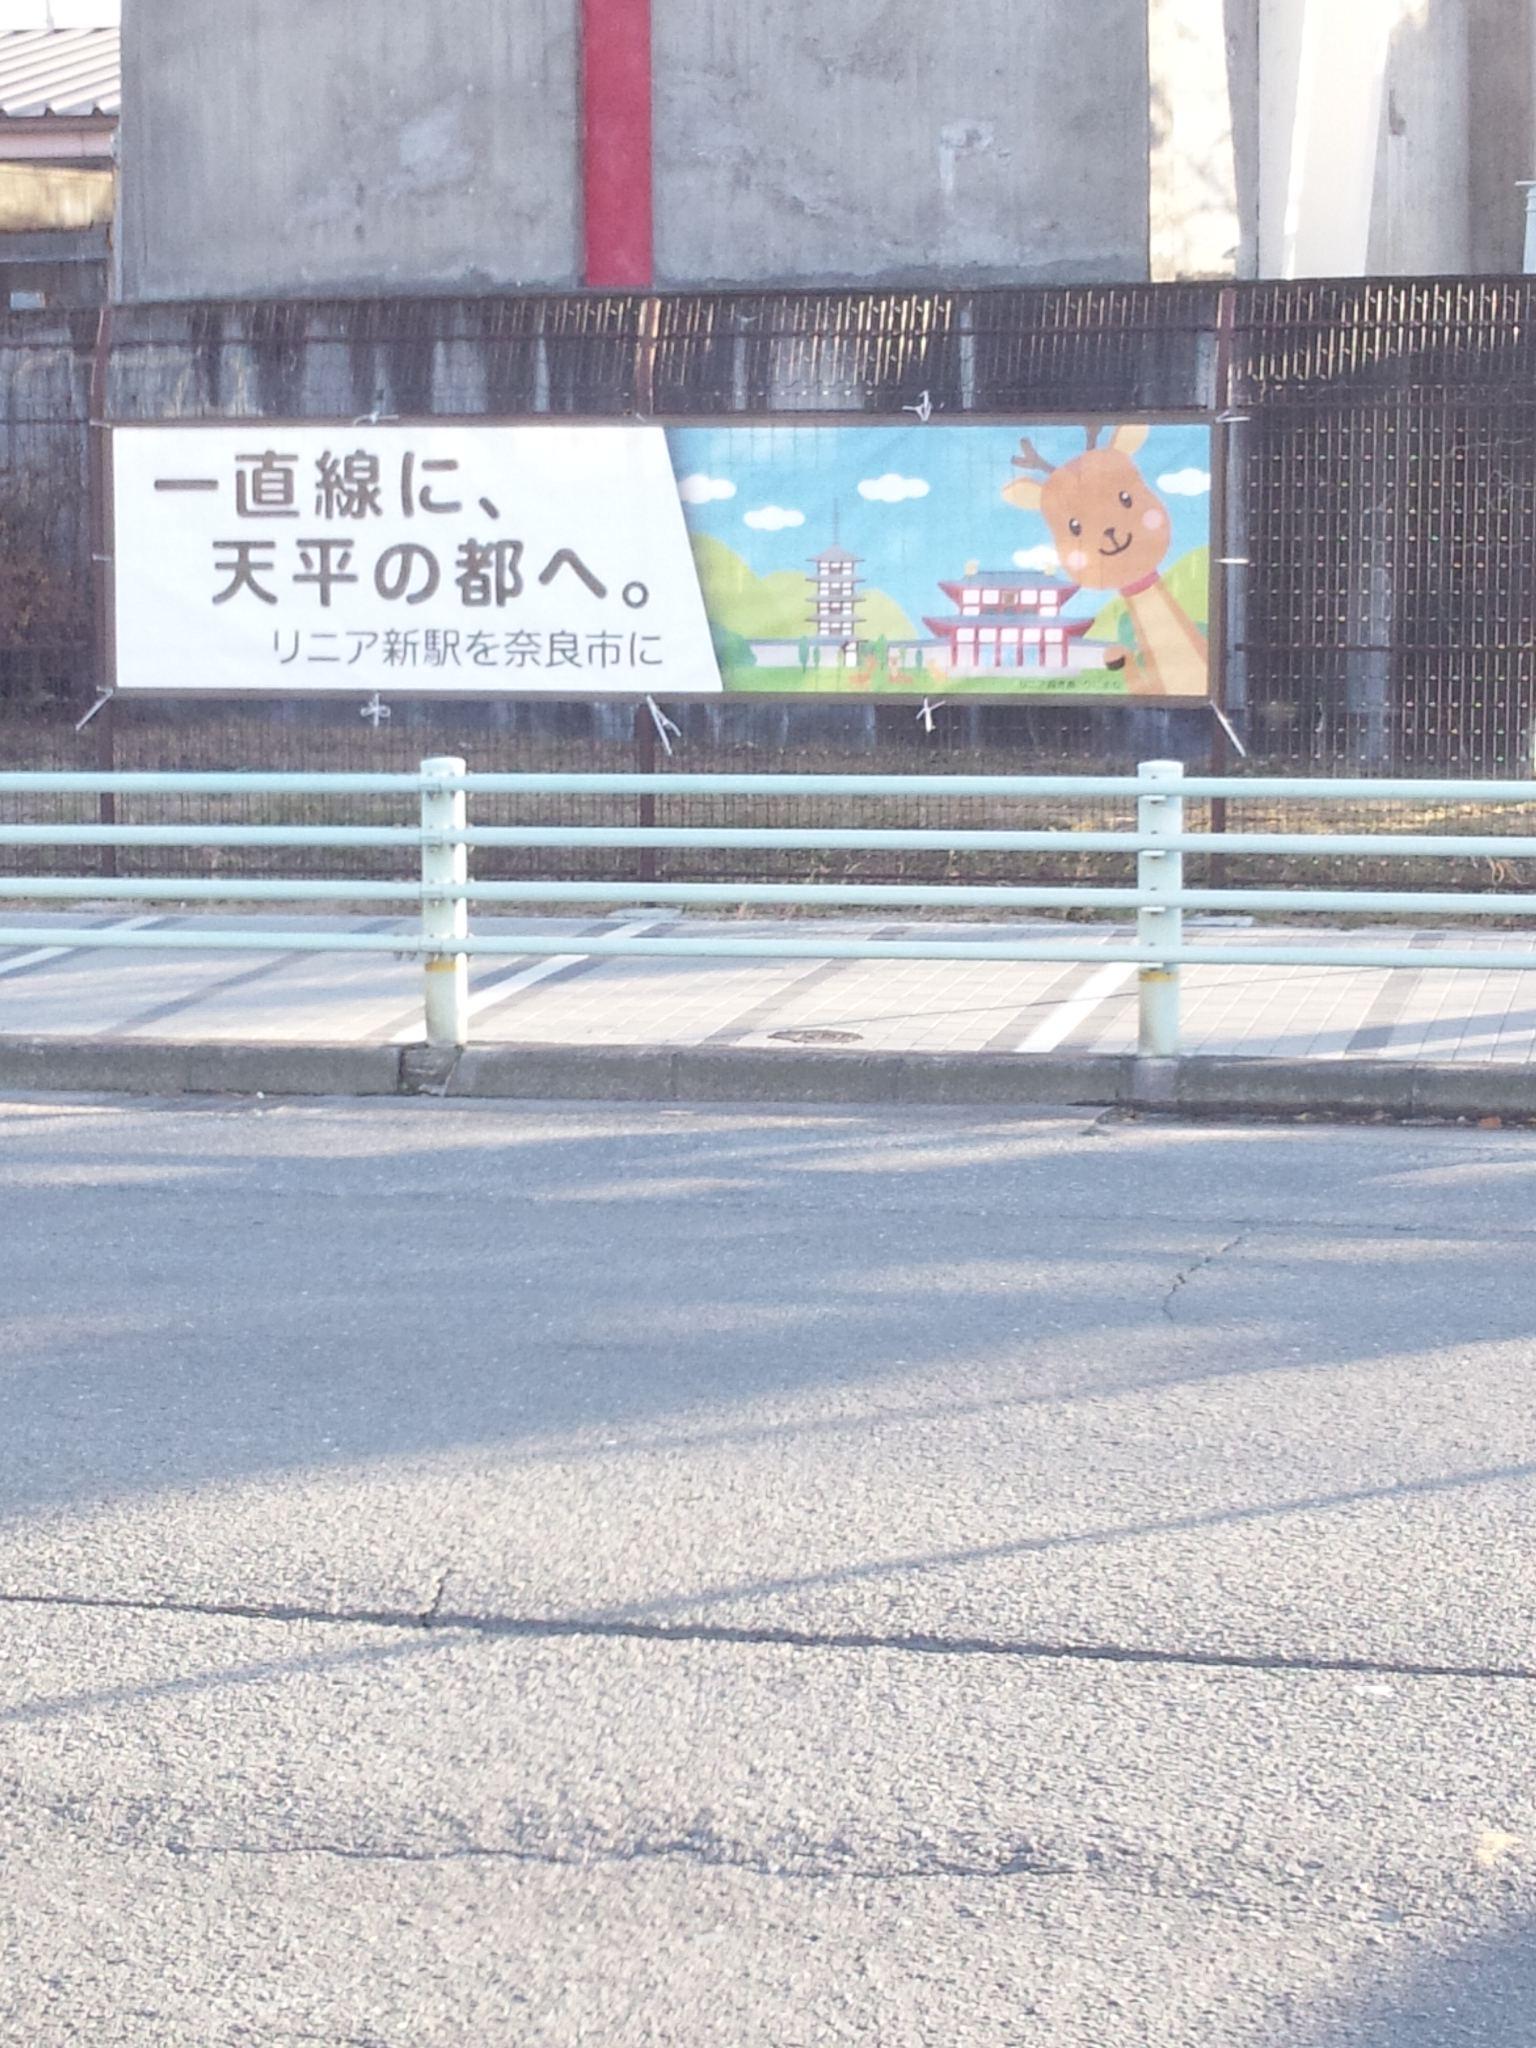 奈良にしか_c0001670_132715.jpg